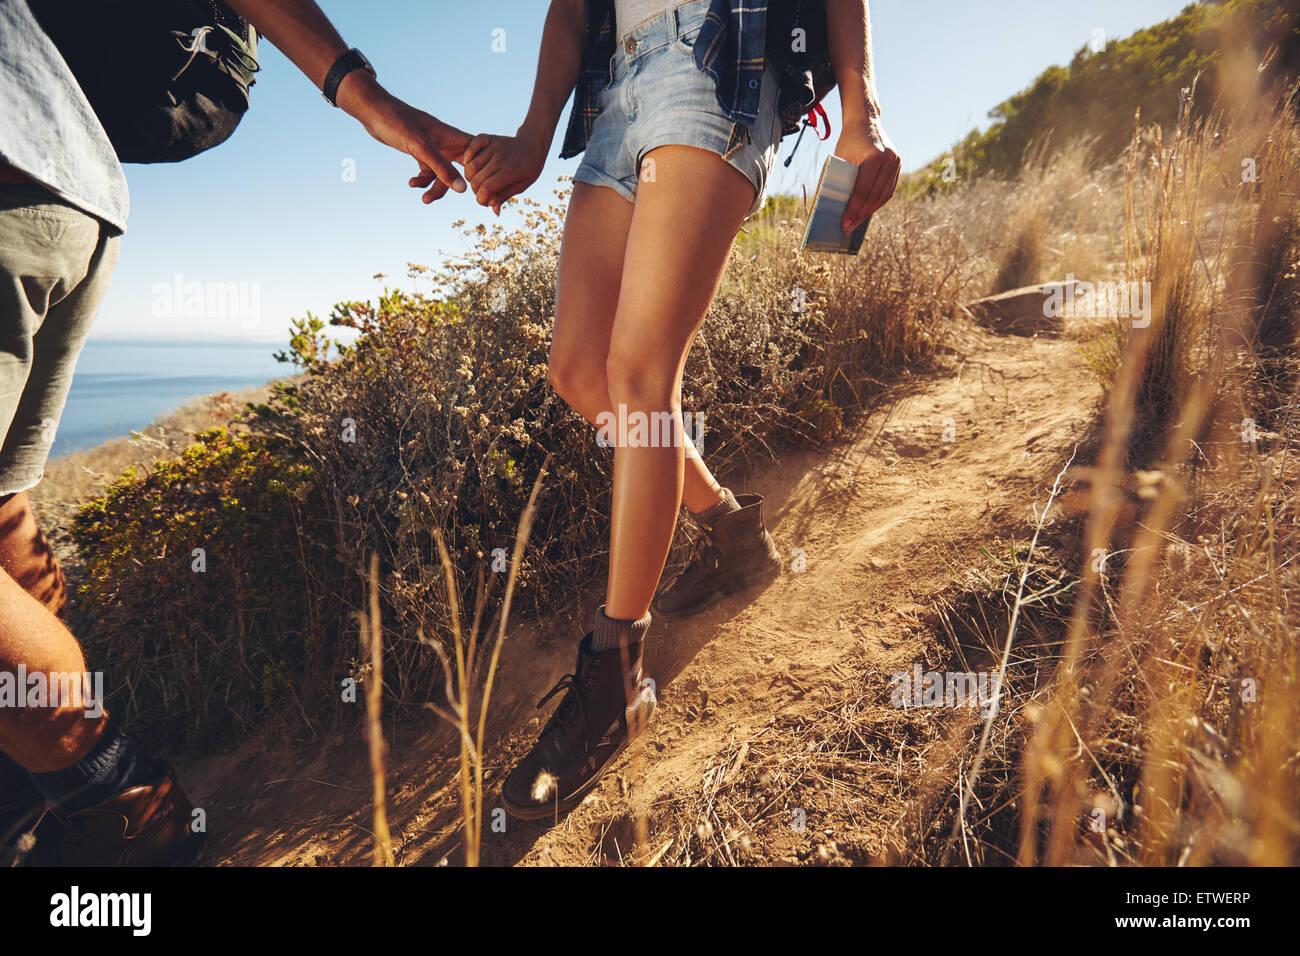 Nahaufnahme des jungen Paares auf einer Wanderung. Bild der junge Mann und Frau Wanderer, Hand in Hand während Stockbild